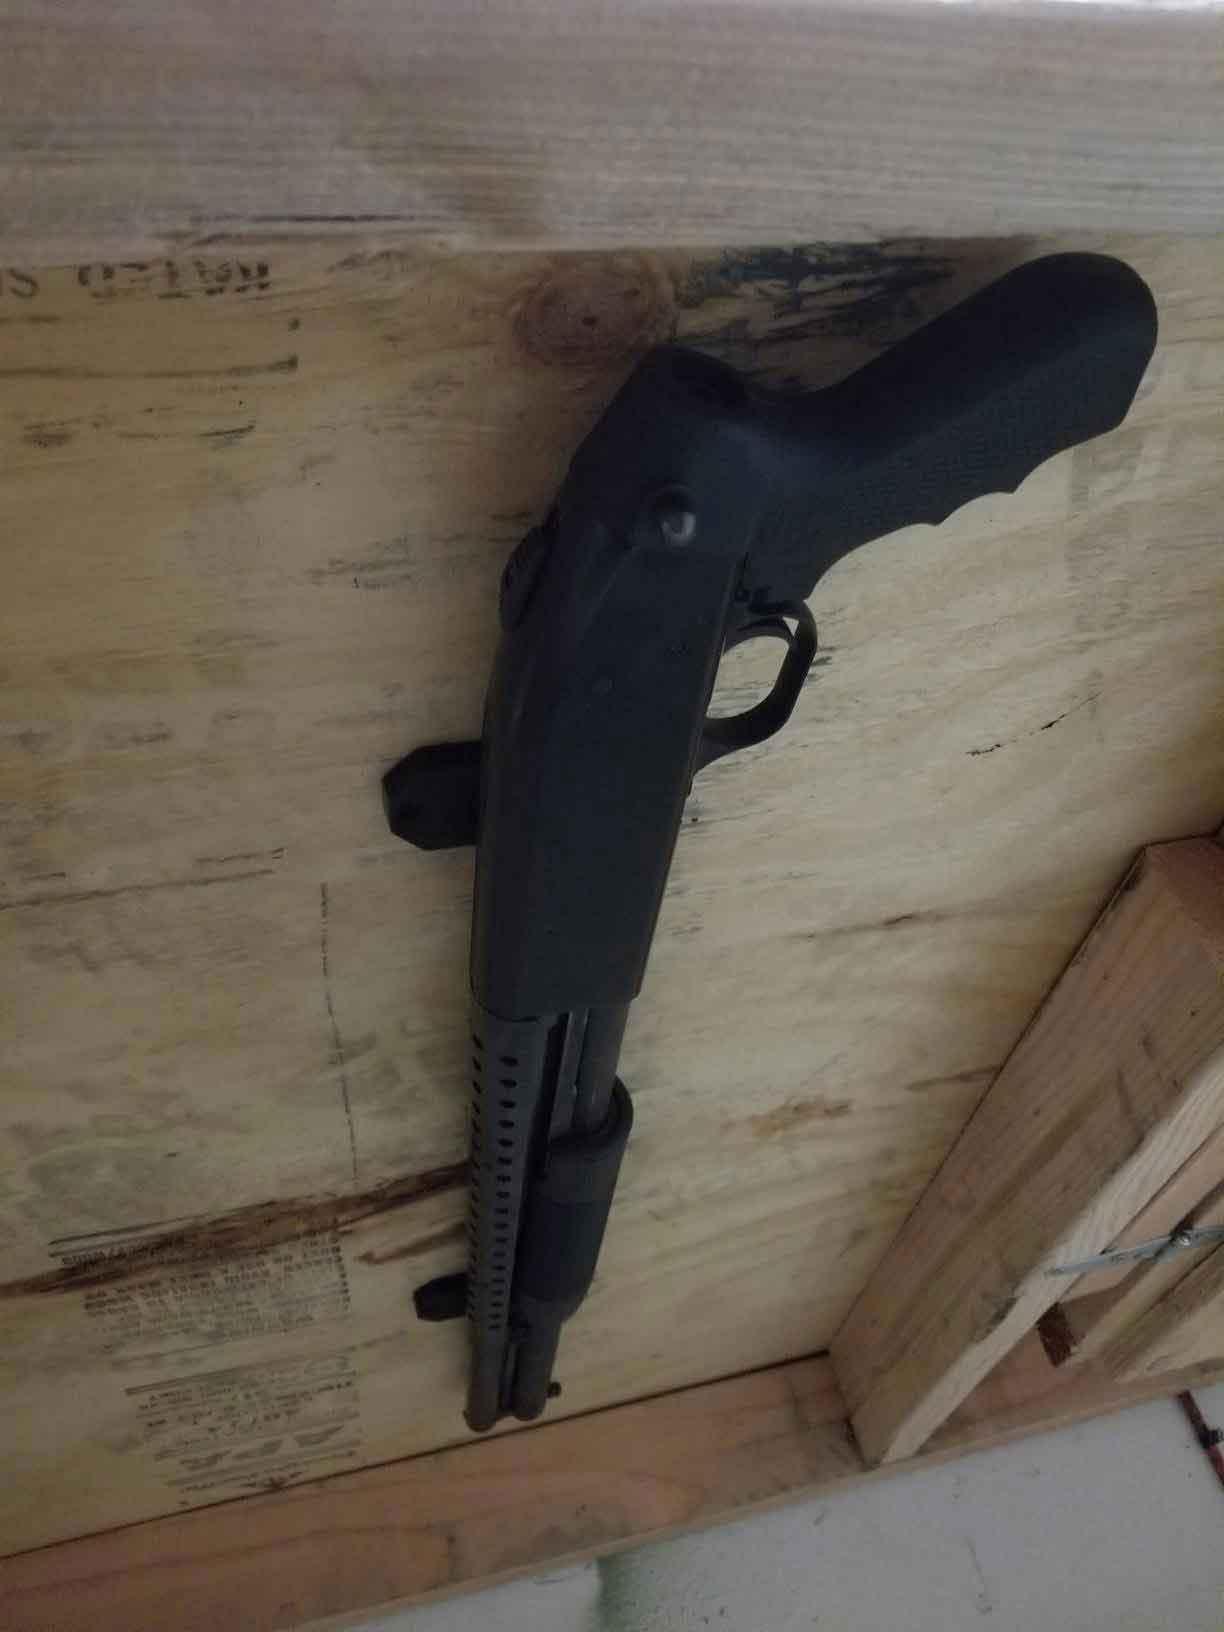 quick gun withdrawn under desk